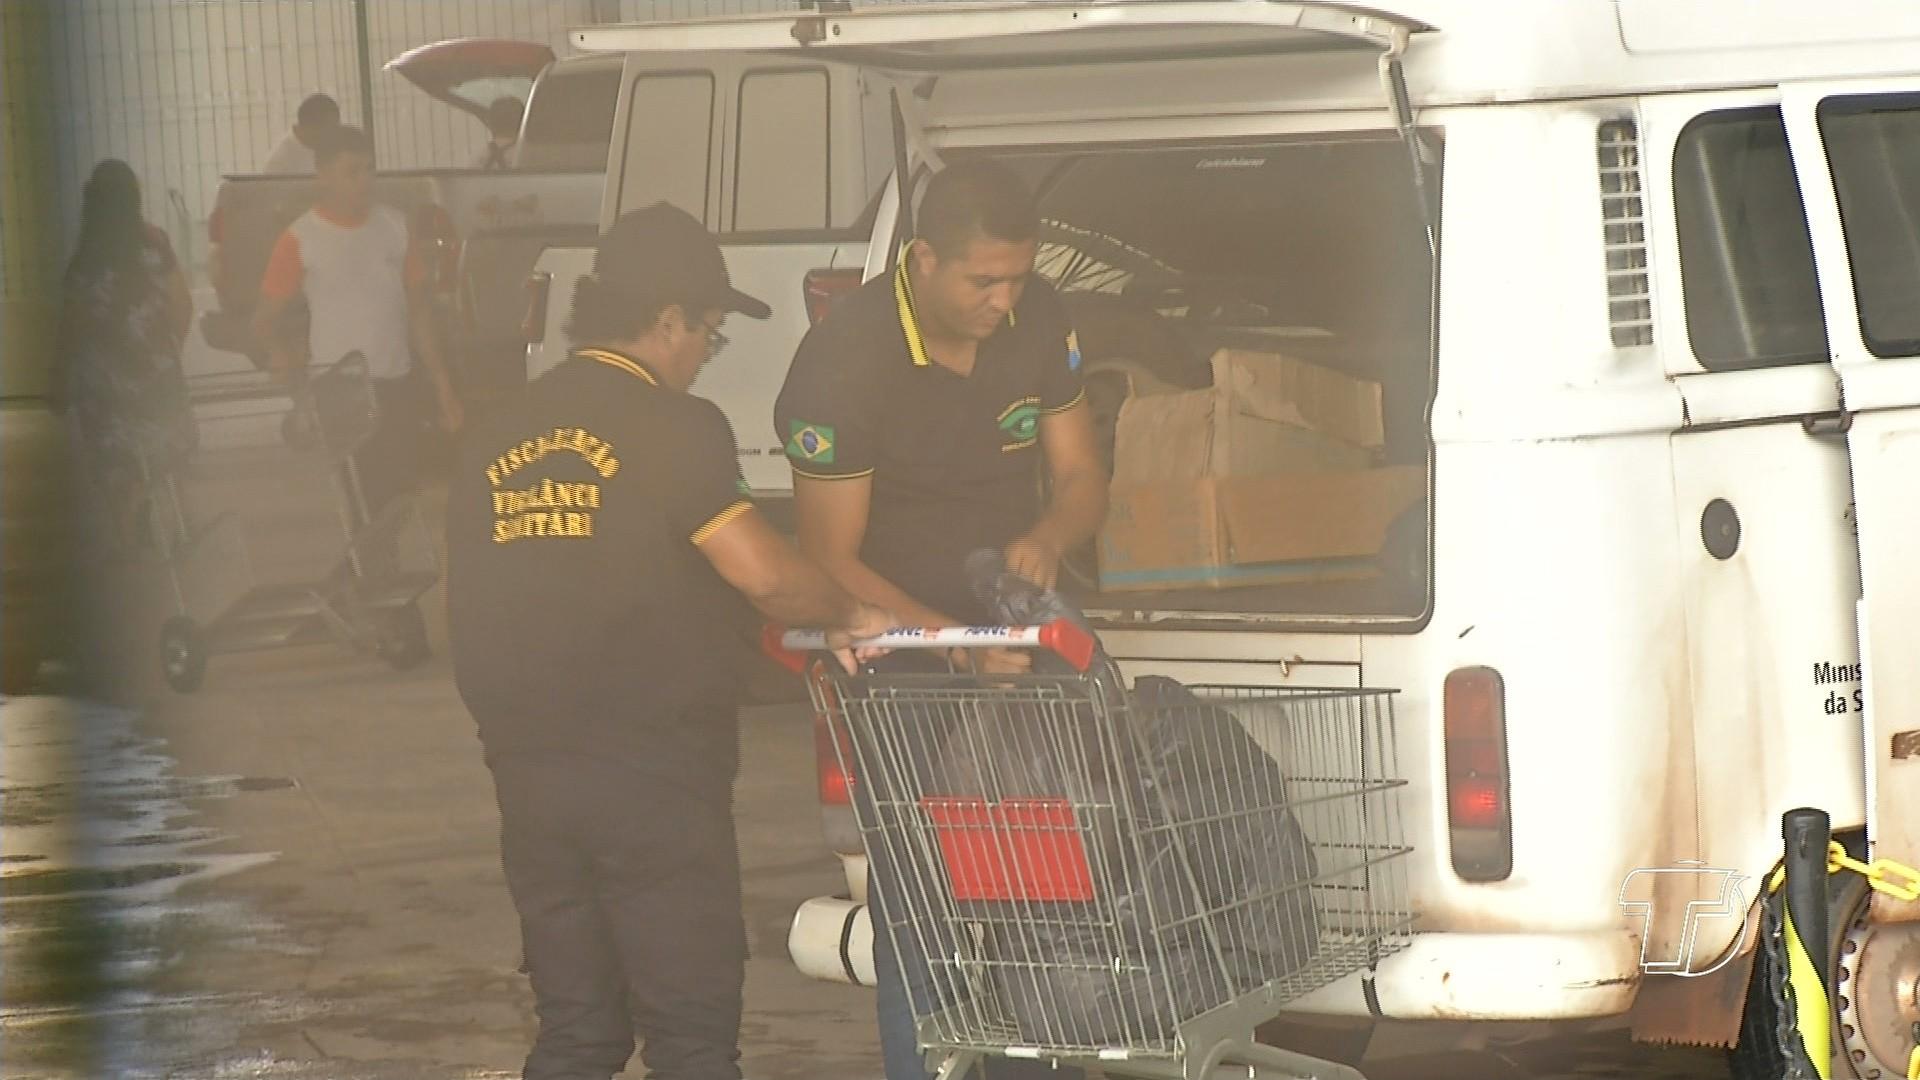 Alimentos foram apreendidos durante uma fiscalização nesta segunda-feira (20). (Foto: Reprodução/TV Tapajós)